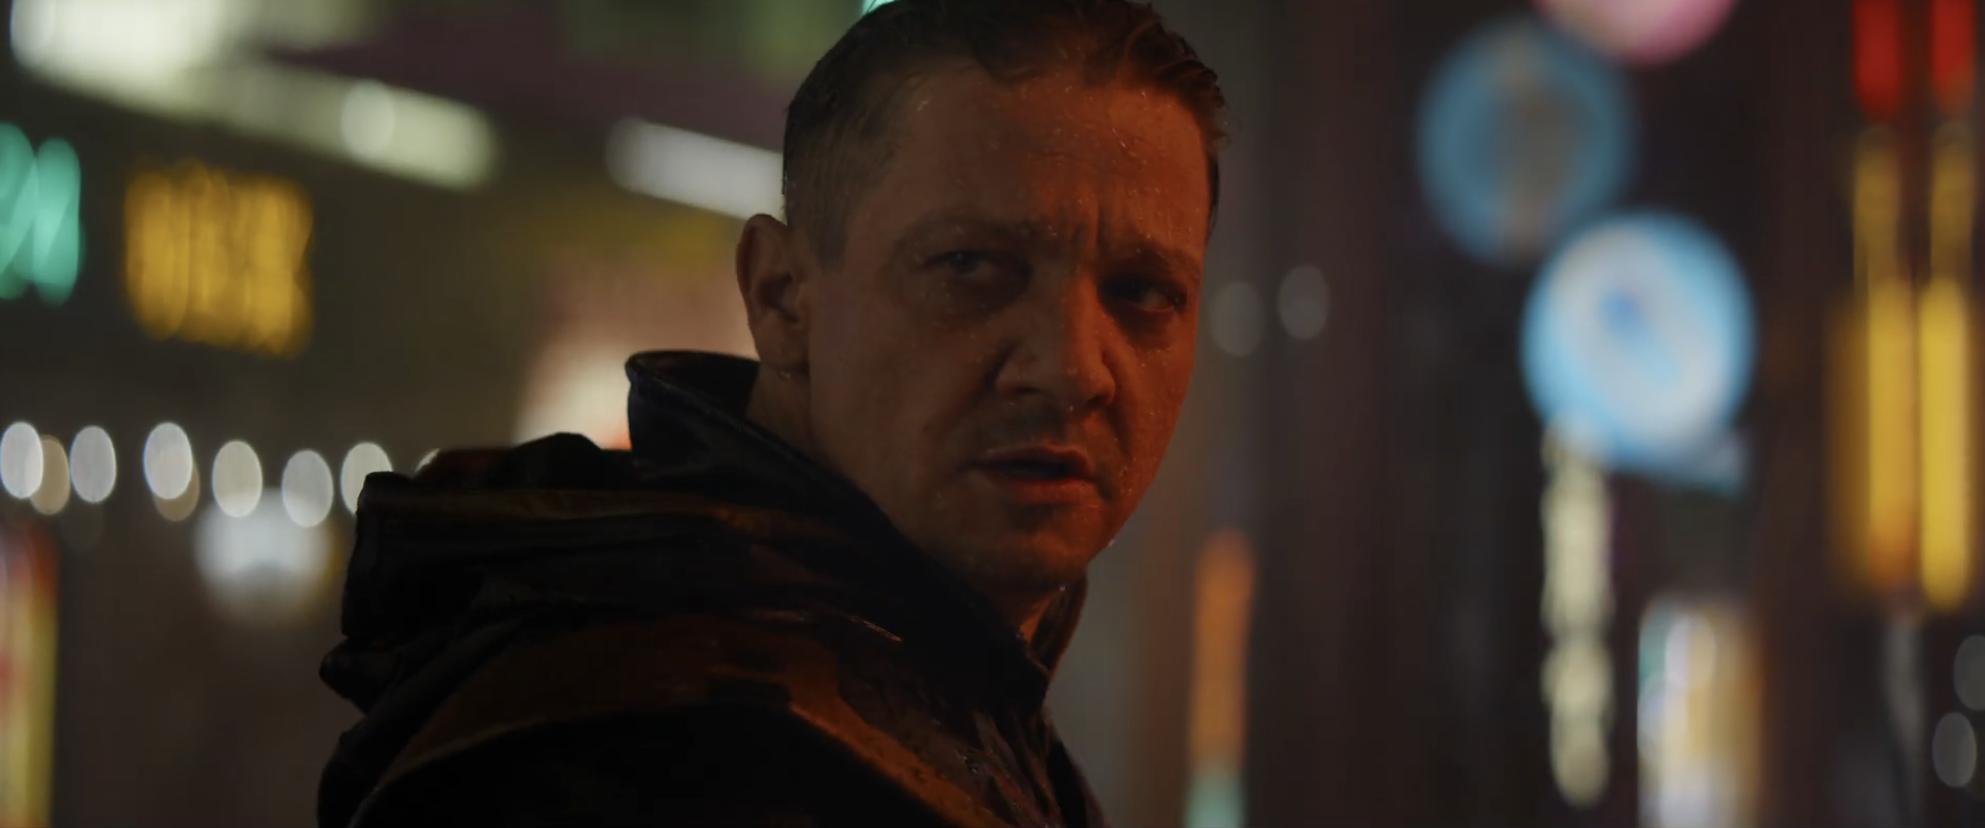 Avengers Endgame Trailer Hawkeye Ronin